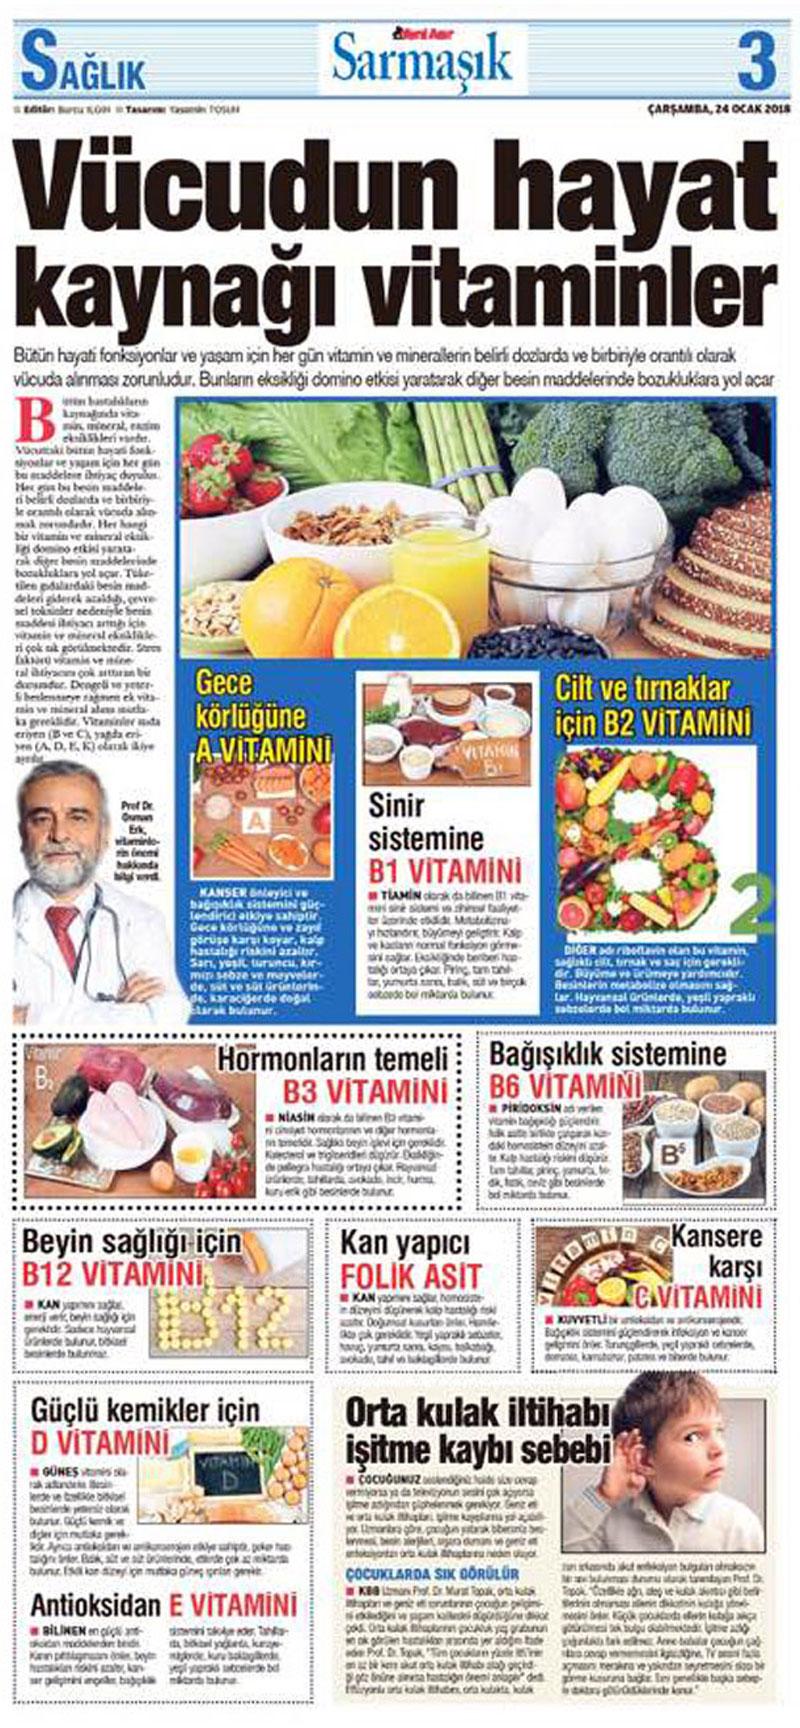 yeniasir_vucudun_hayatkaynagi_vitaminler